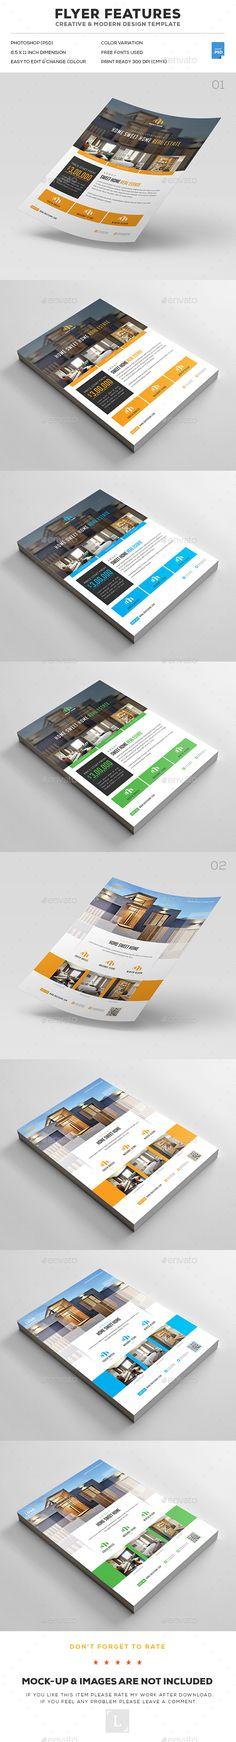 Real Estate Flyer Bundle - #Flyers Print Templates Download here: https://graphicriver.net/item/real-estate-flyer-bundle/17403092?ref=alena994